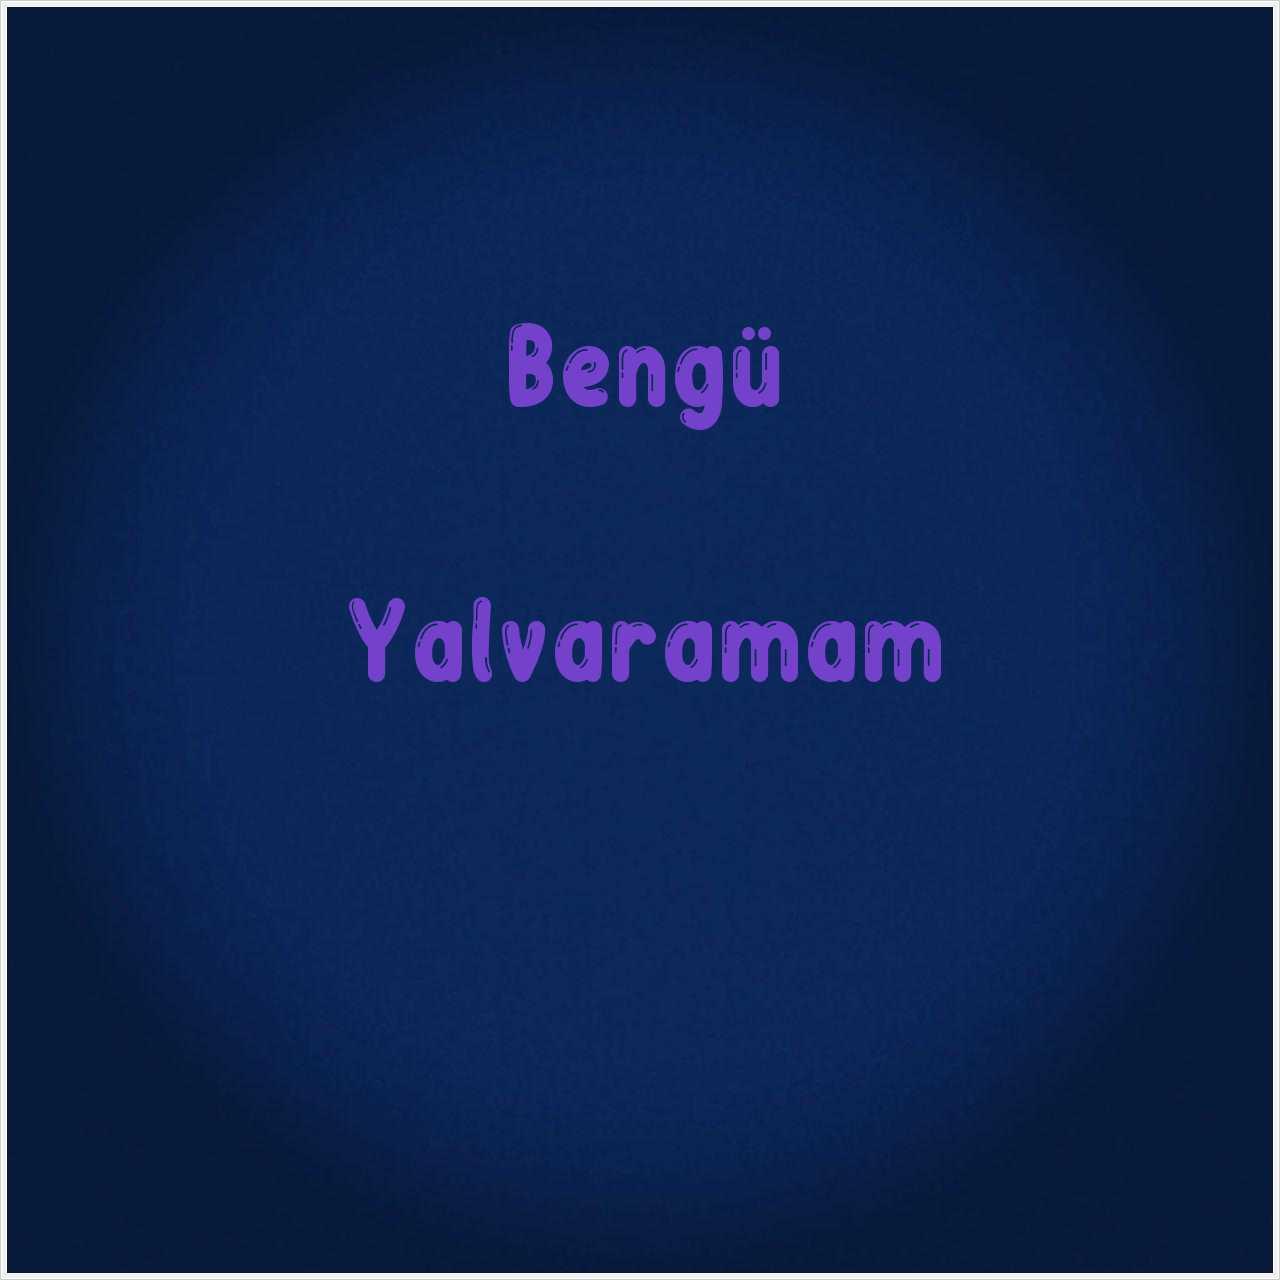 دانلود آهنگ جدید Bengü به نام Yalvaramam